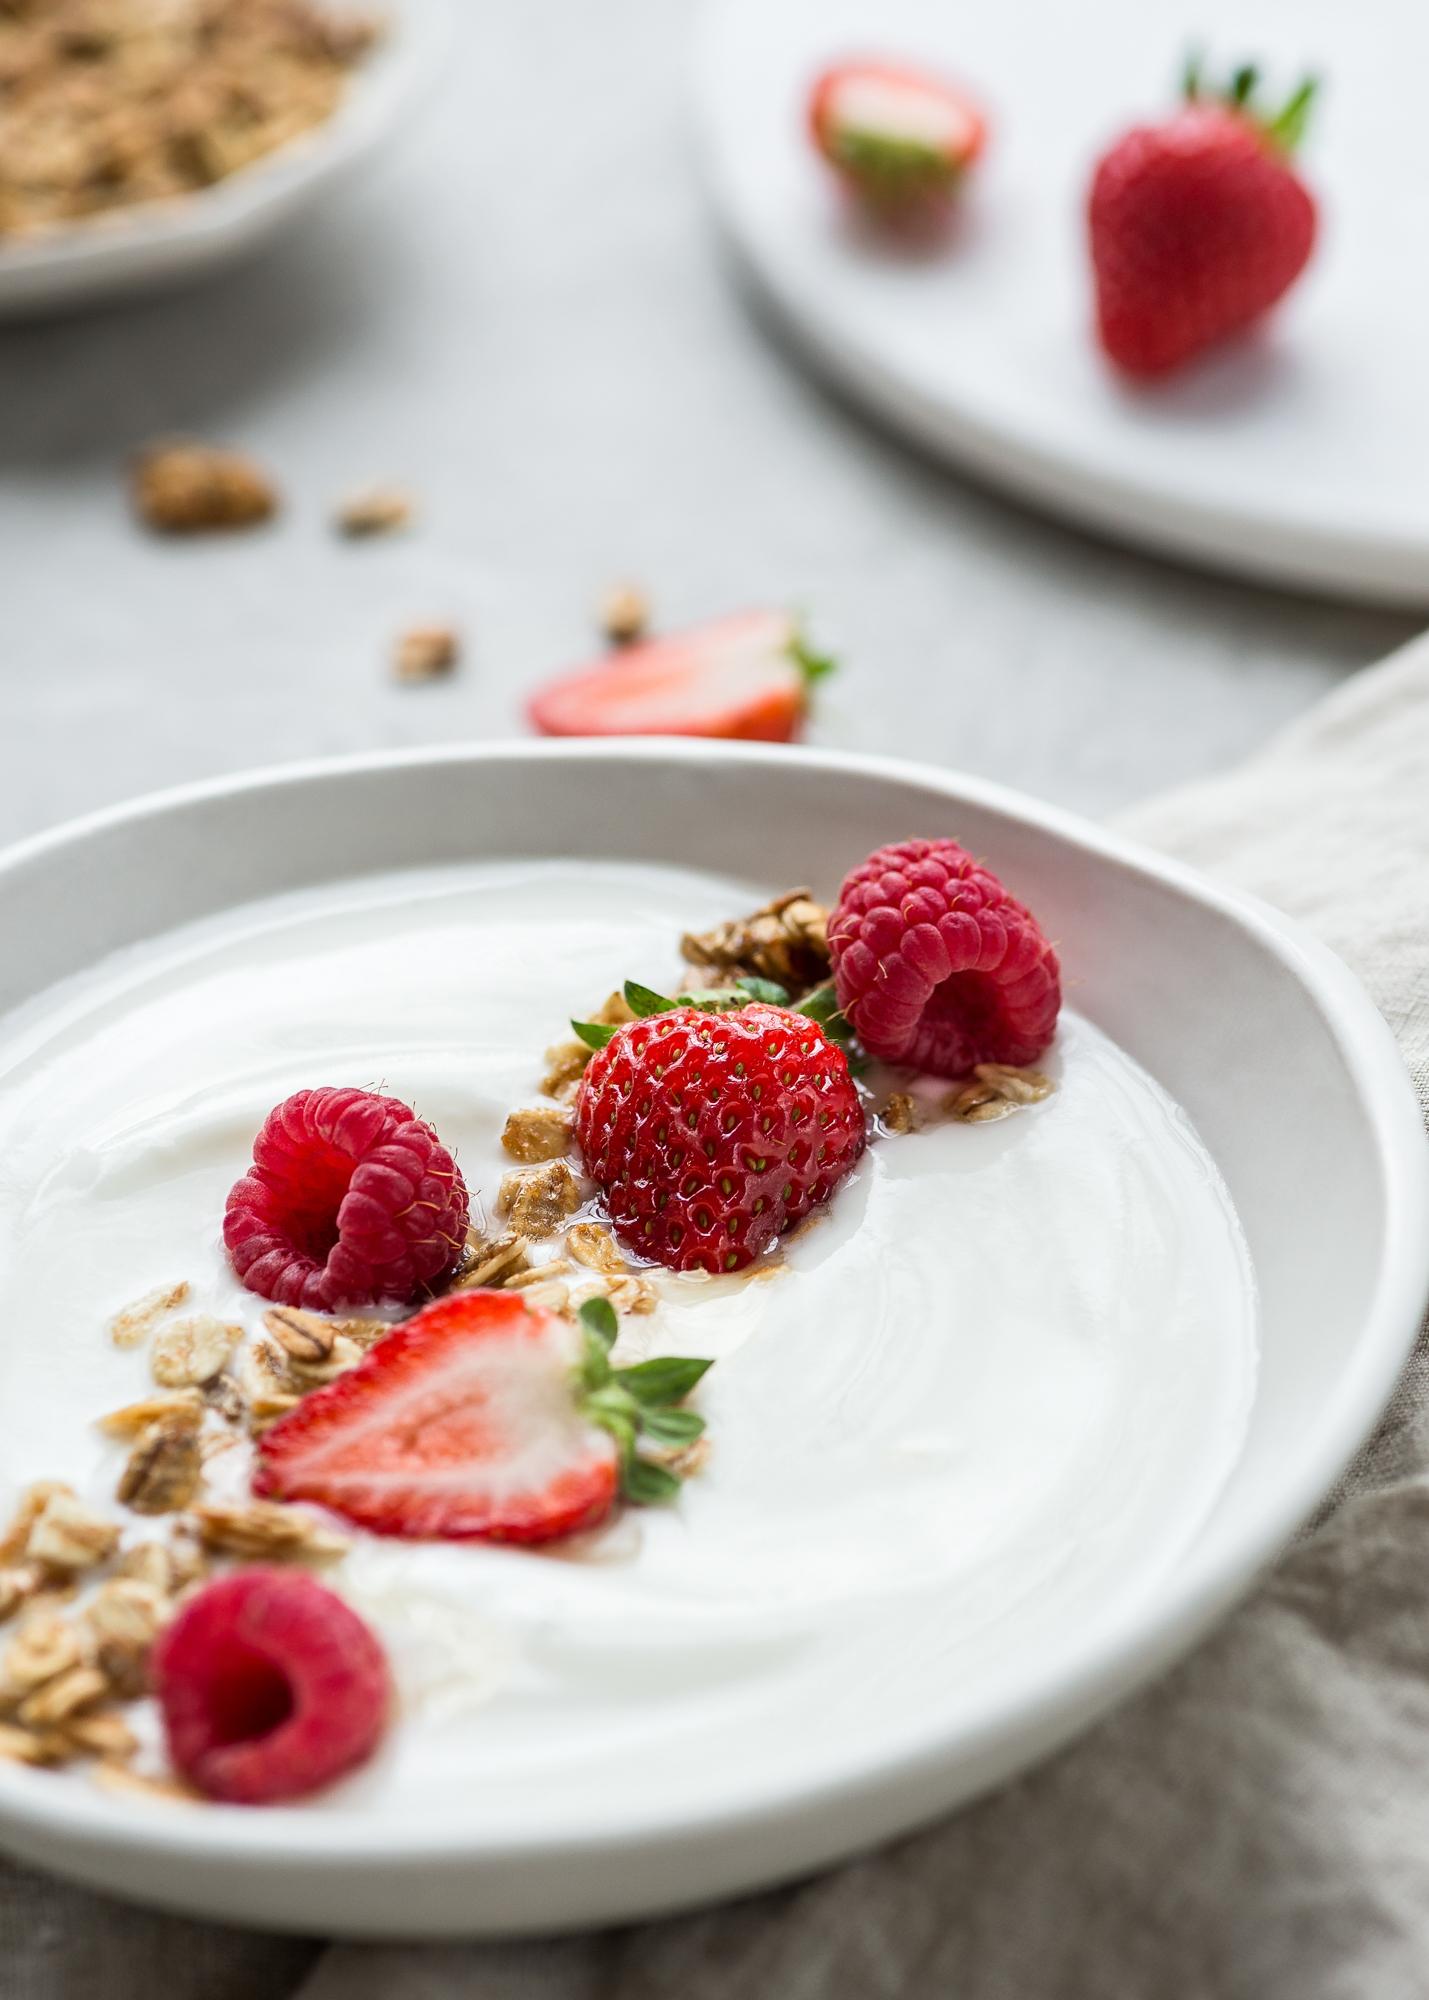 Yogurt_Parfait-Jany_Tremblay-2.jpg